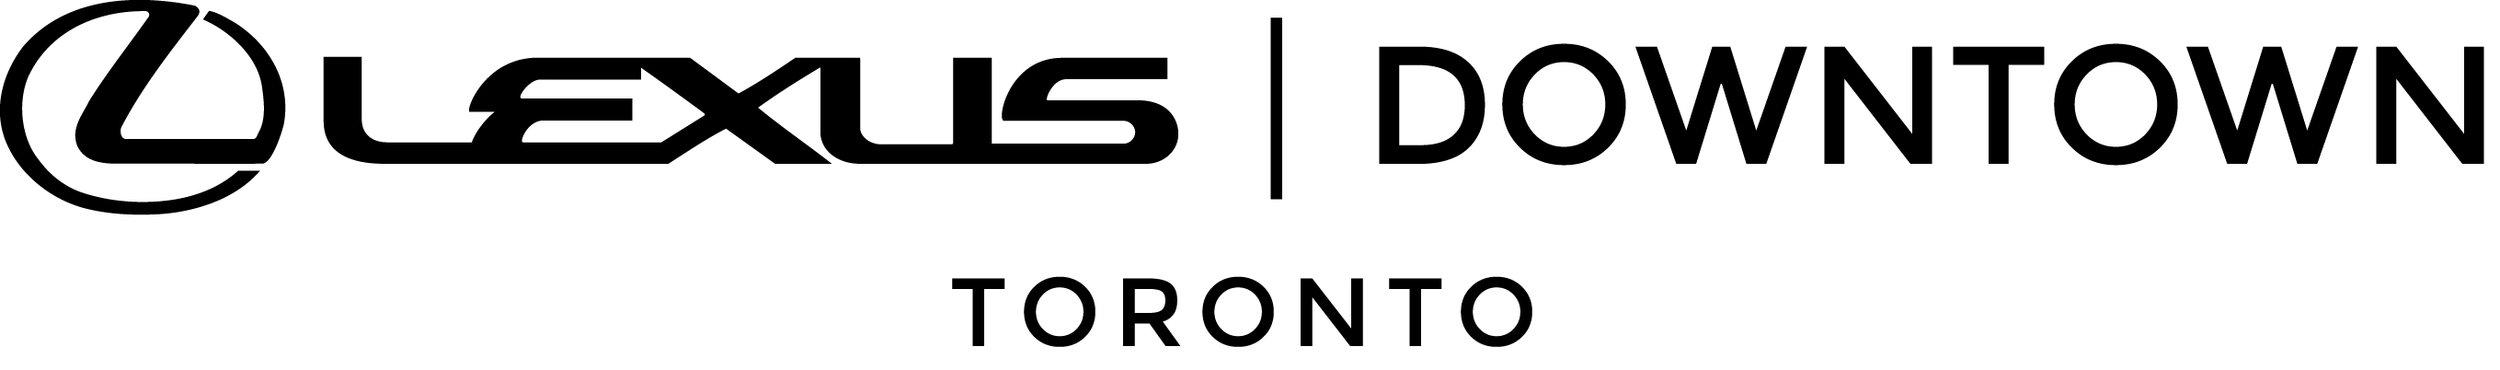 LD-logo-all-black-1.jpg